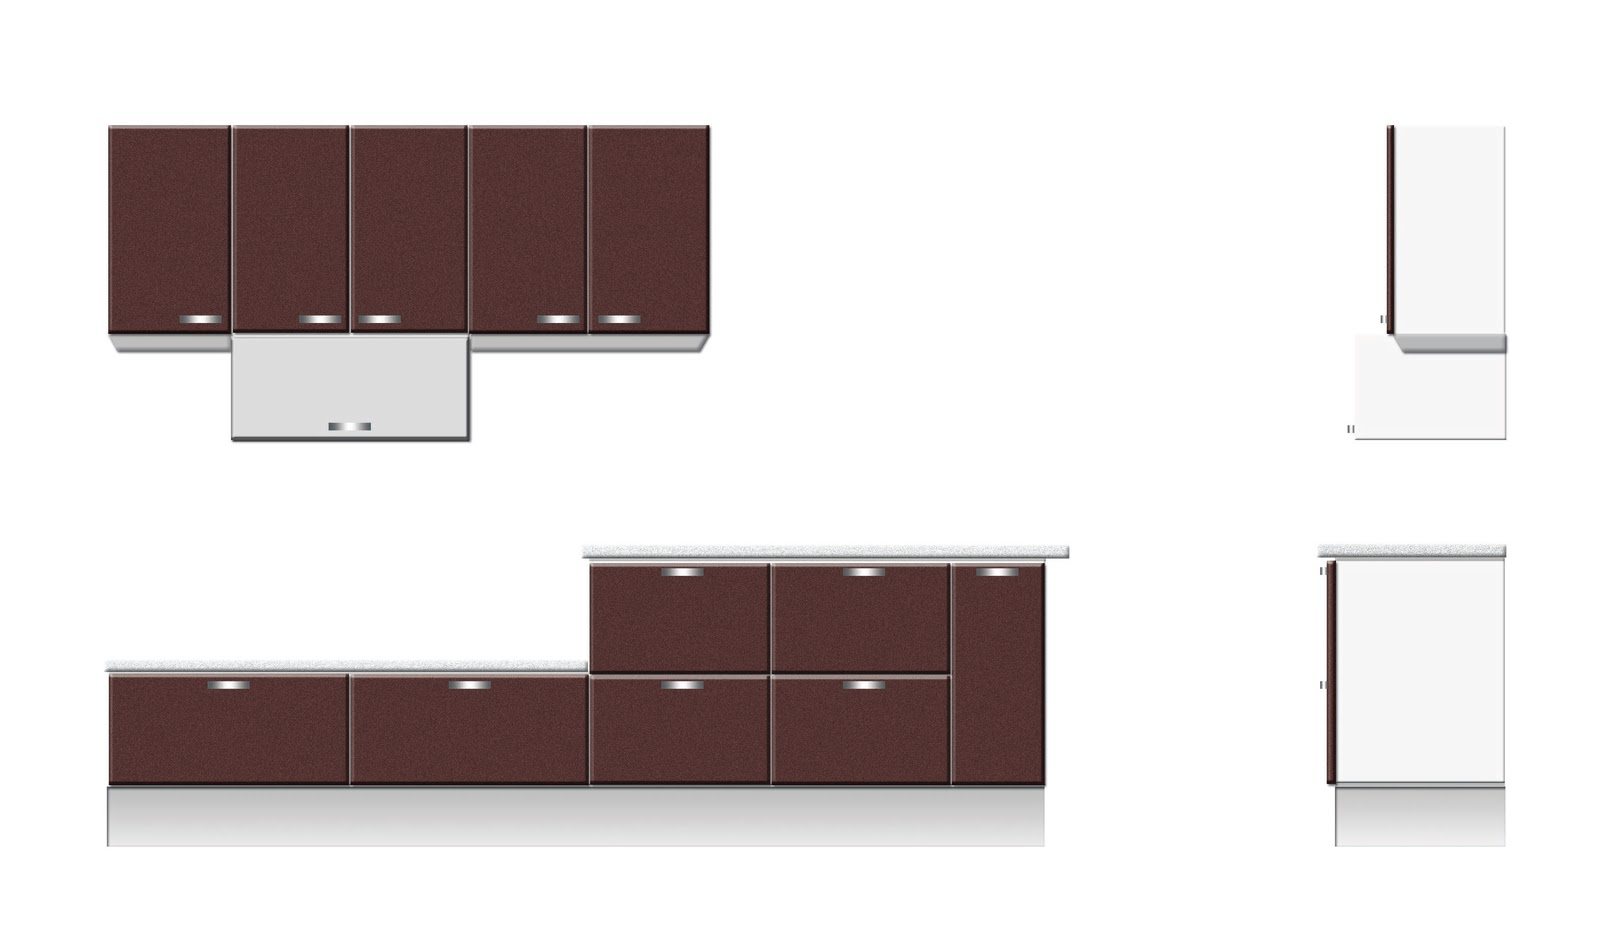 projeto armário cozinha photoshop elevação projeto armário cozinha  #503130 1600x932 Banheiro Acessivel Cad Blocos